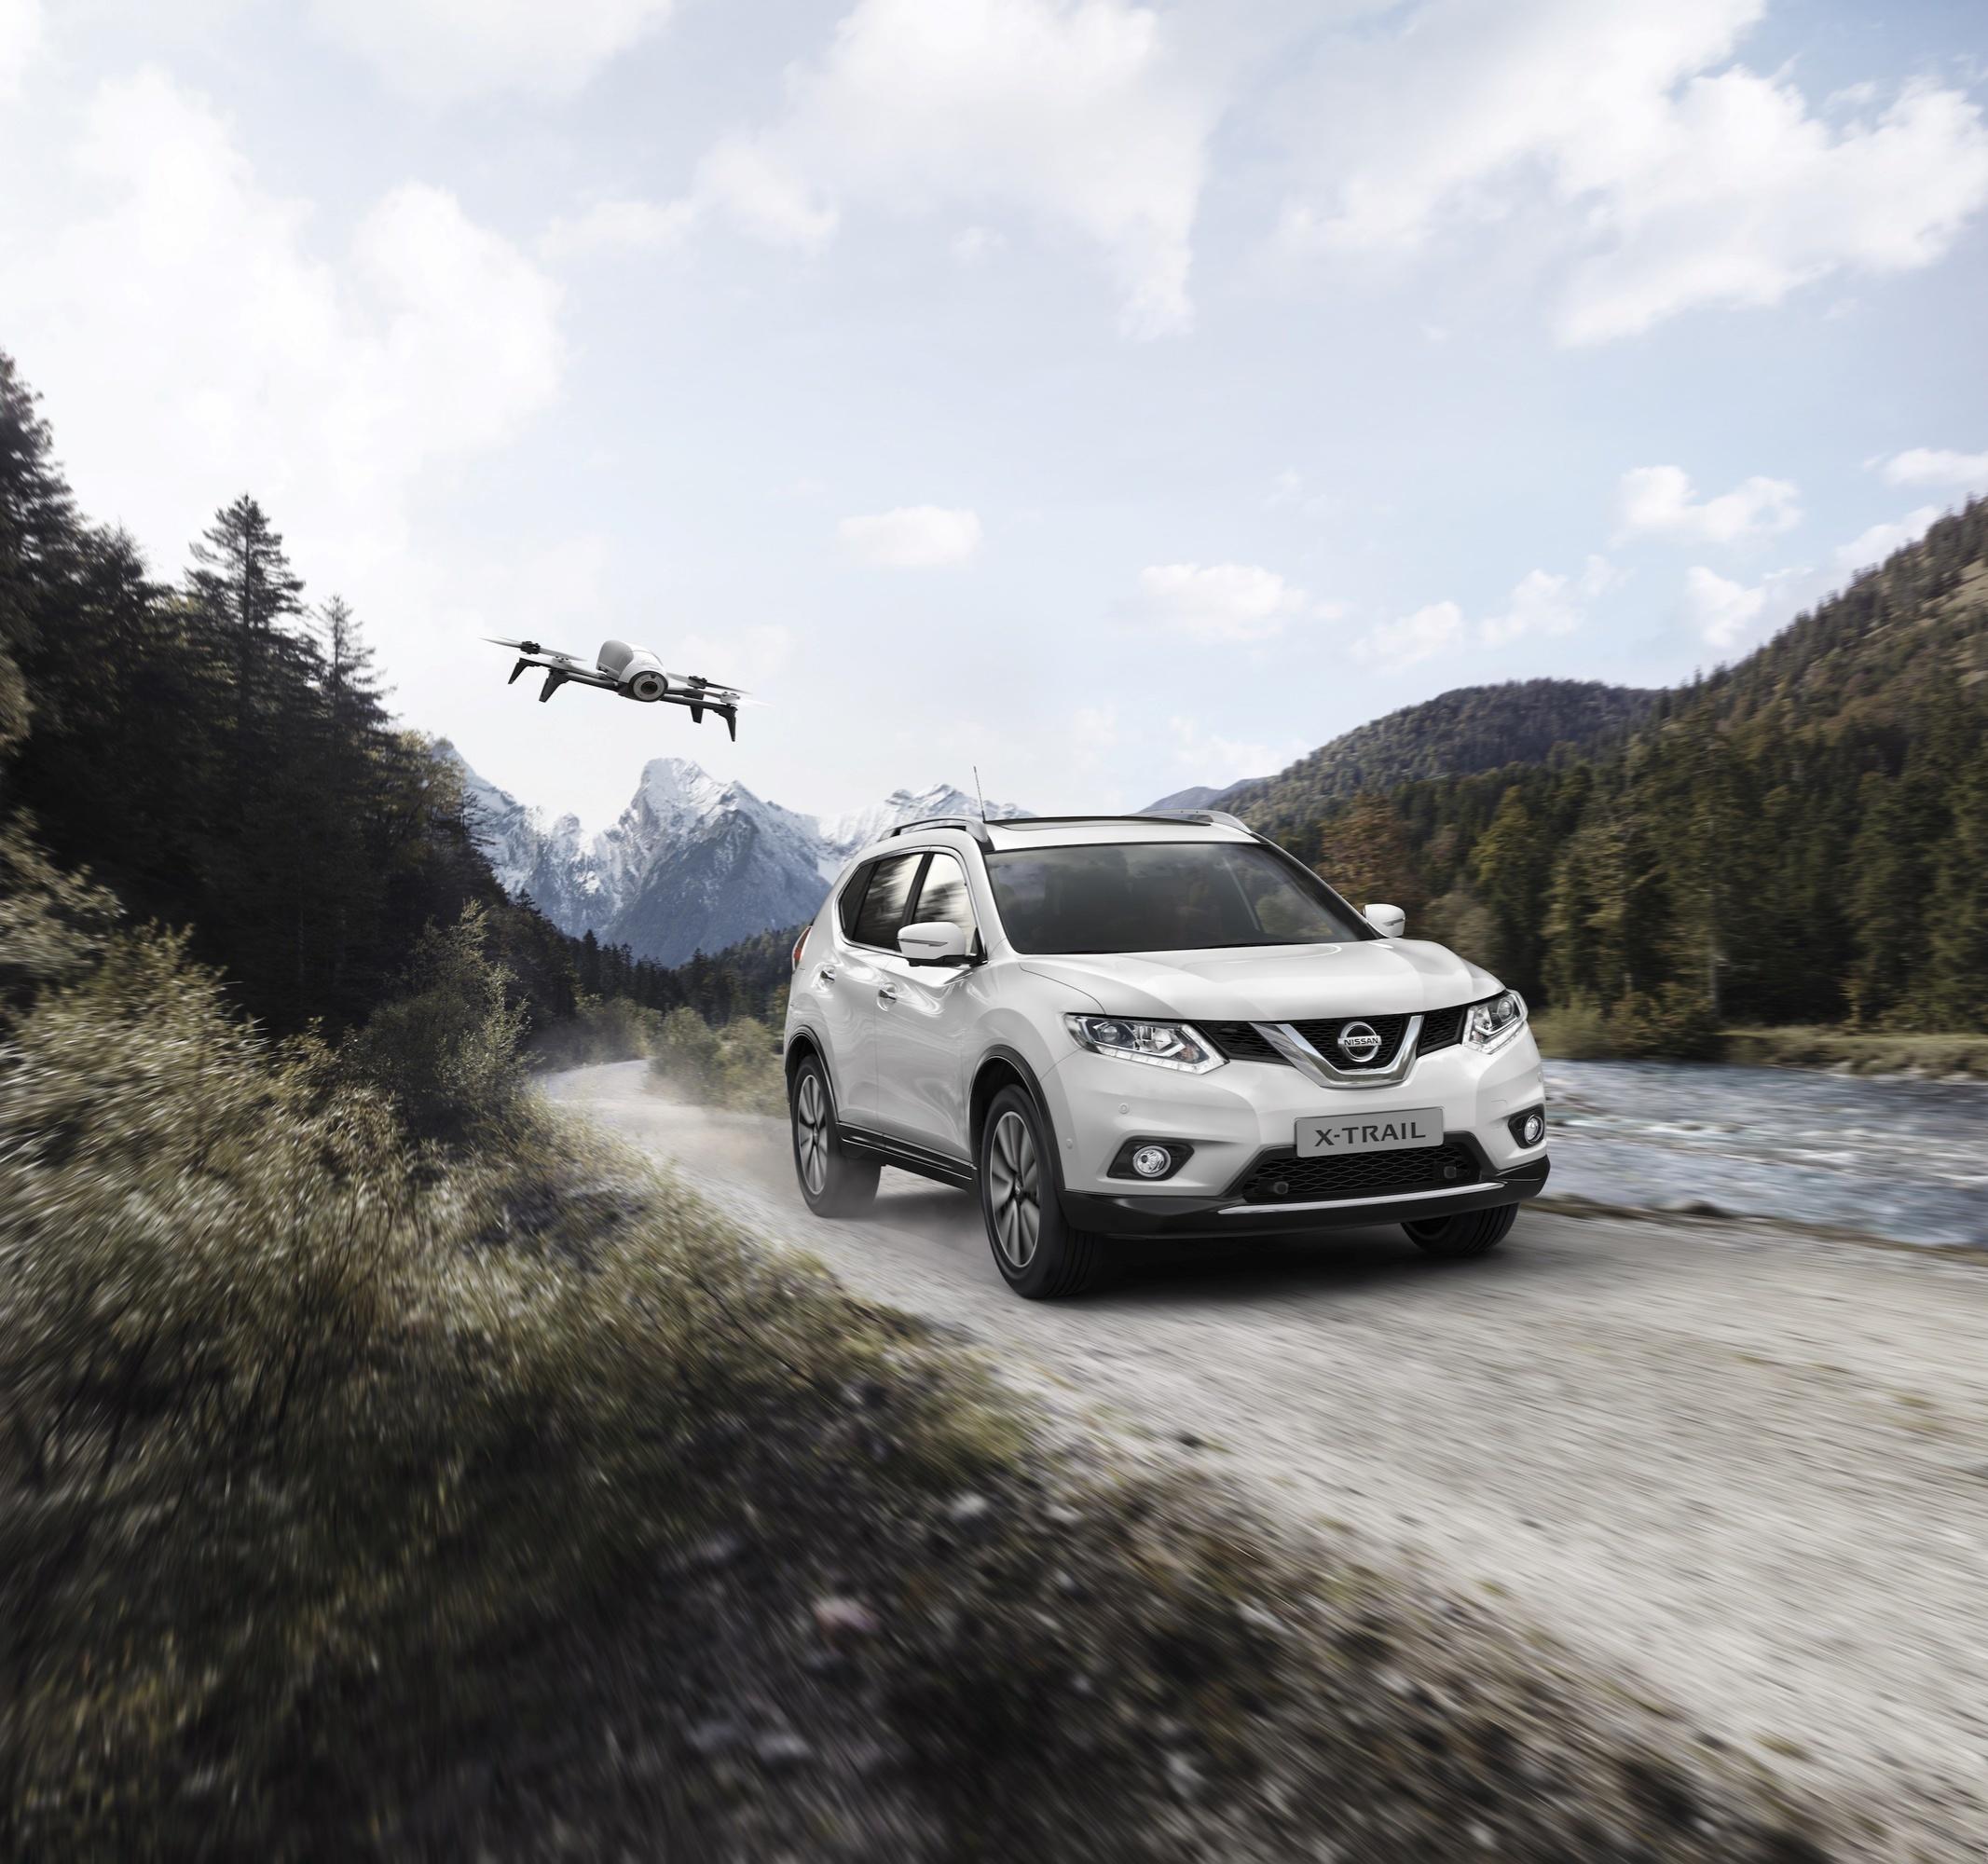 Nissan разработал «идеальный внедорожник для семьи» 1